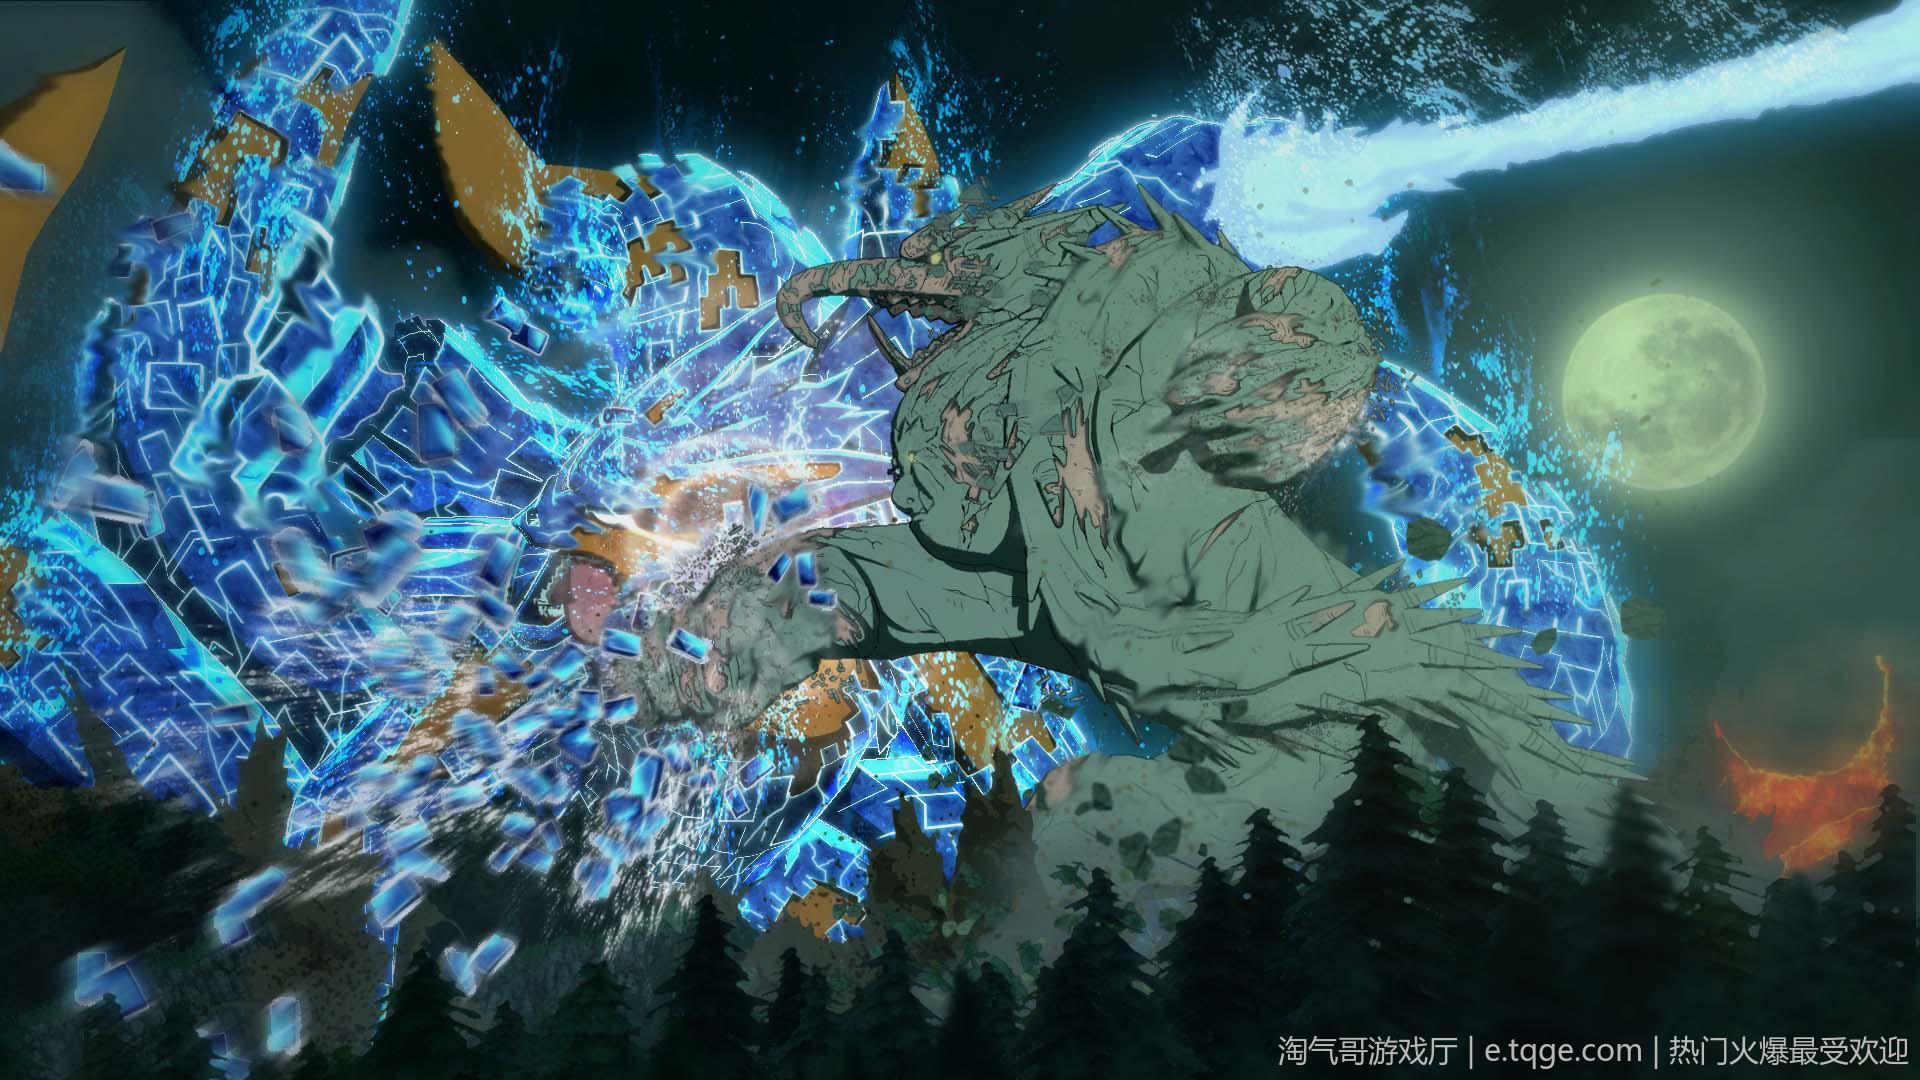 火影忍者:究极忍者风暴4 集成博人之路全部DLCs 整合版 动作冒险 第3张